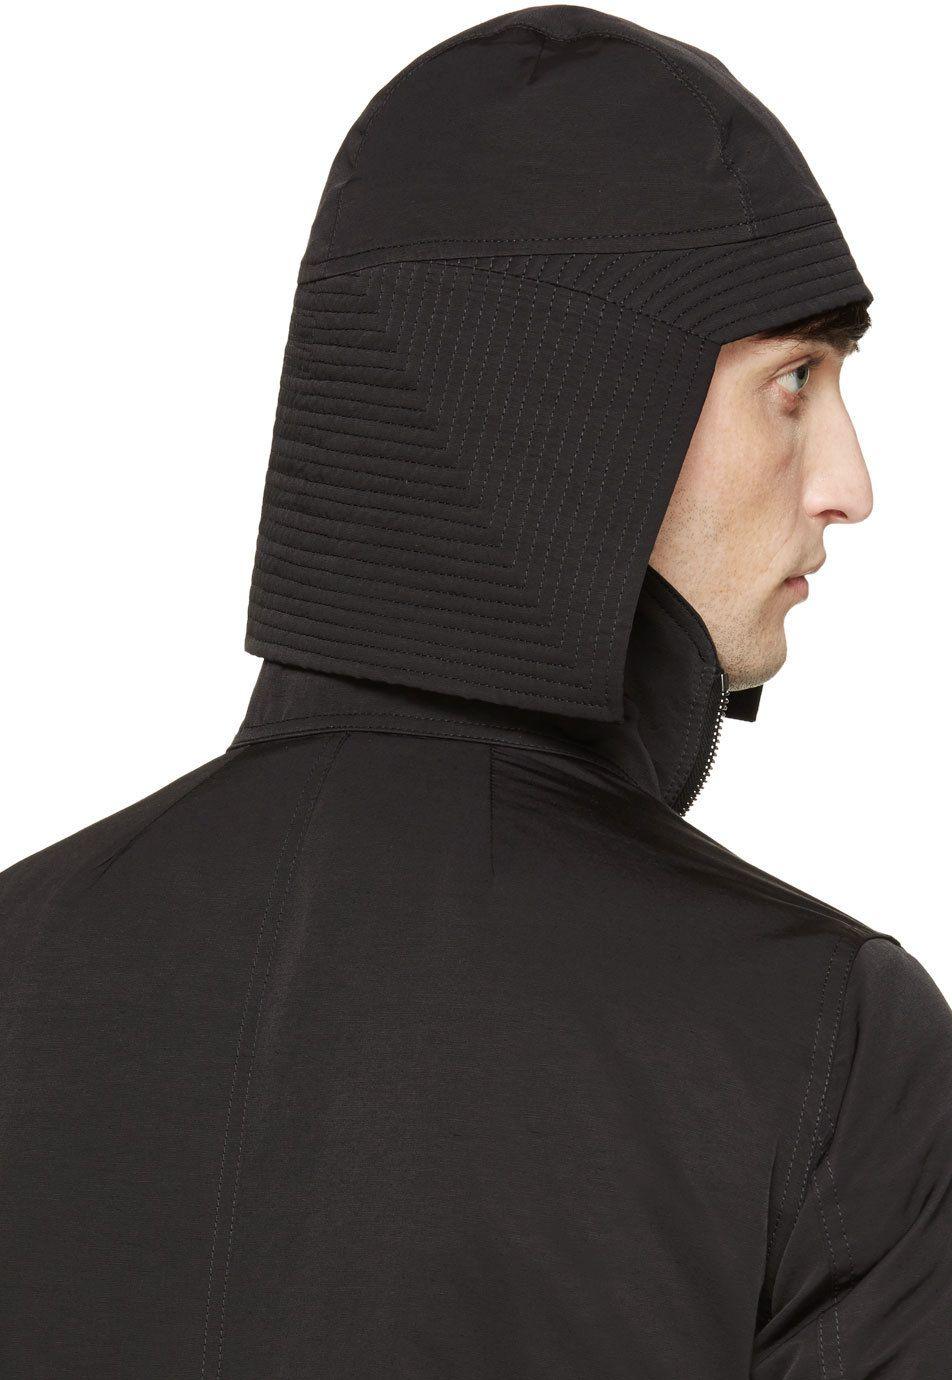 Rick Owens  Black Kabuto Hat  1b36dfb1dd11